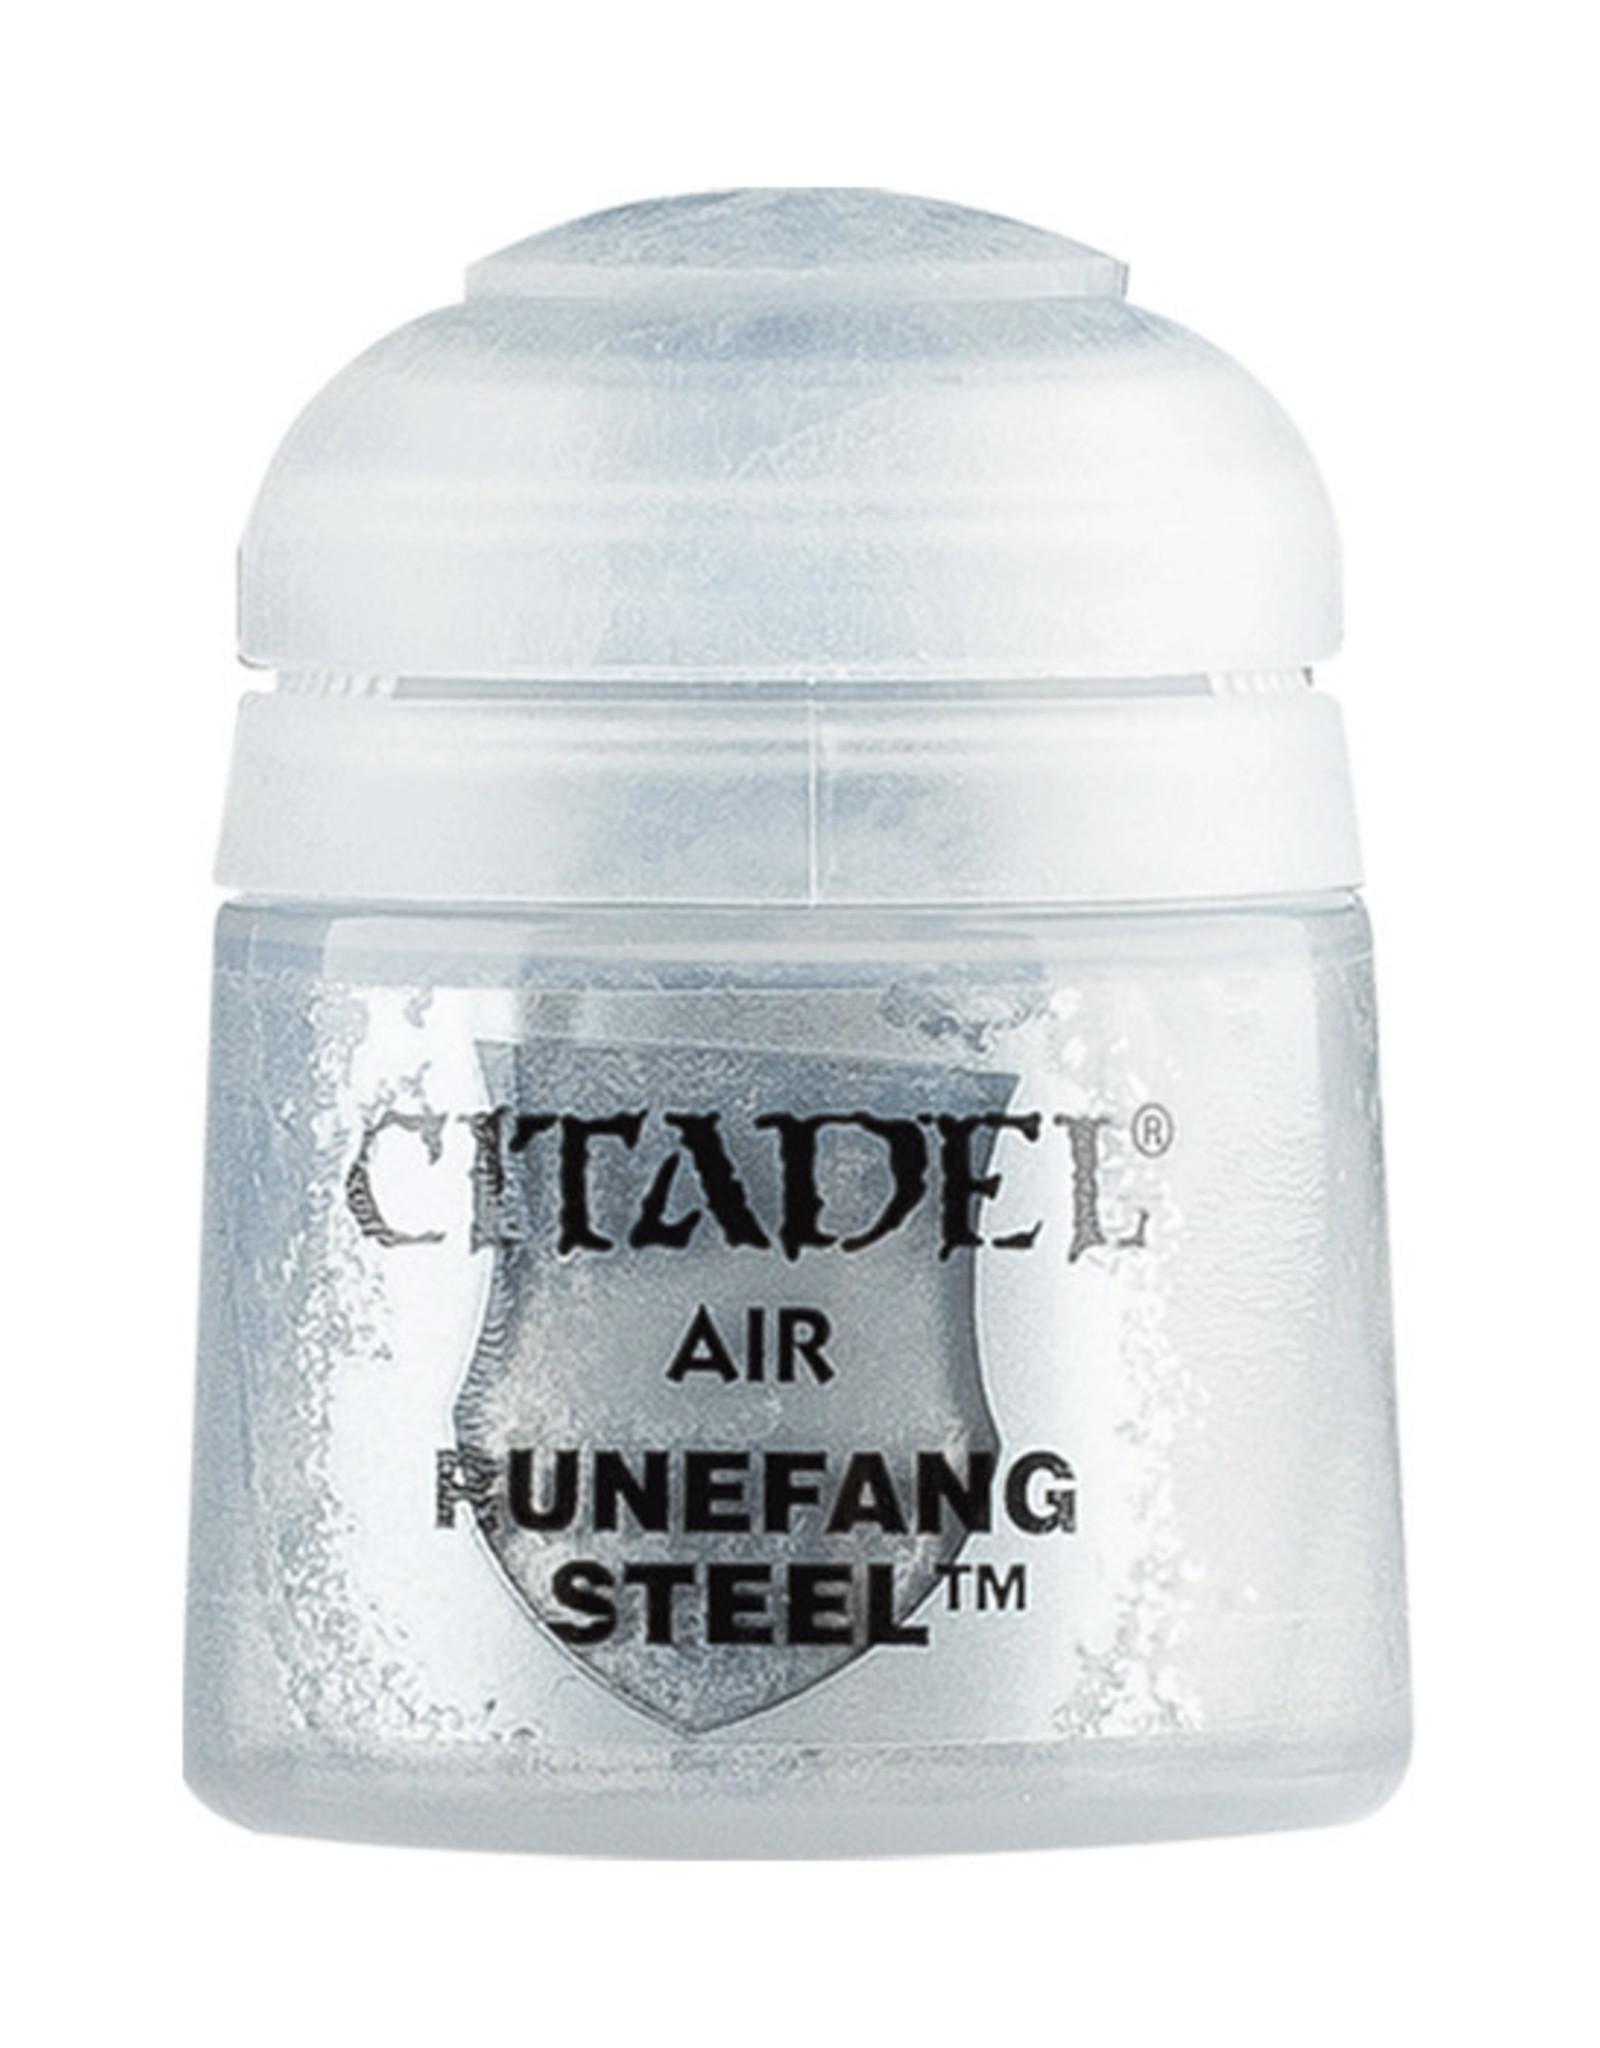 Citadel Citadel Colour: Air - Runefang Steel